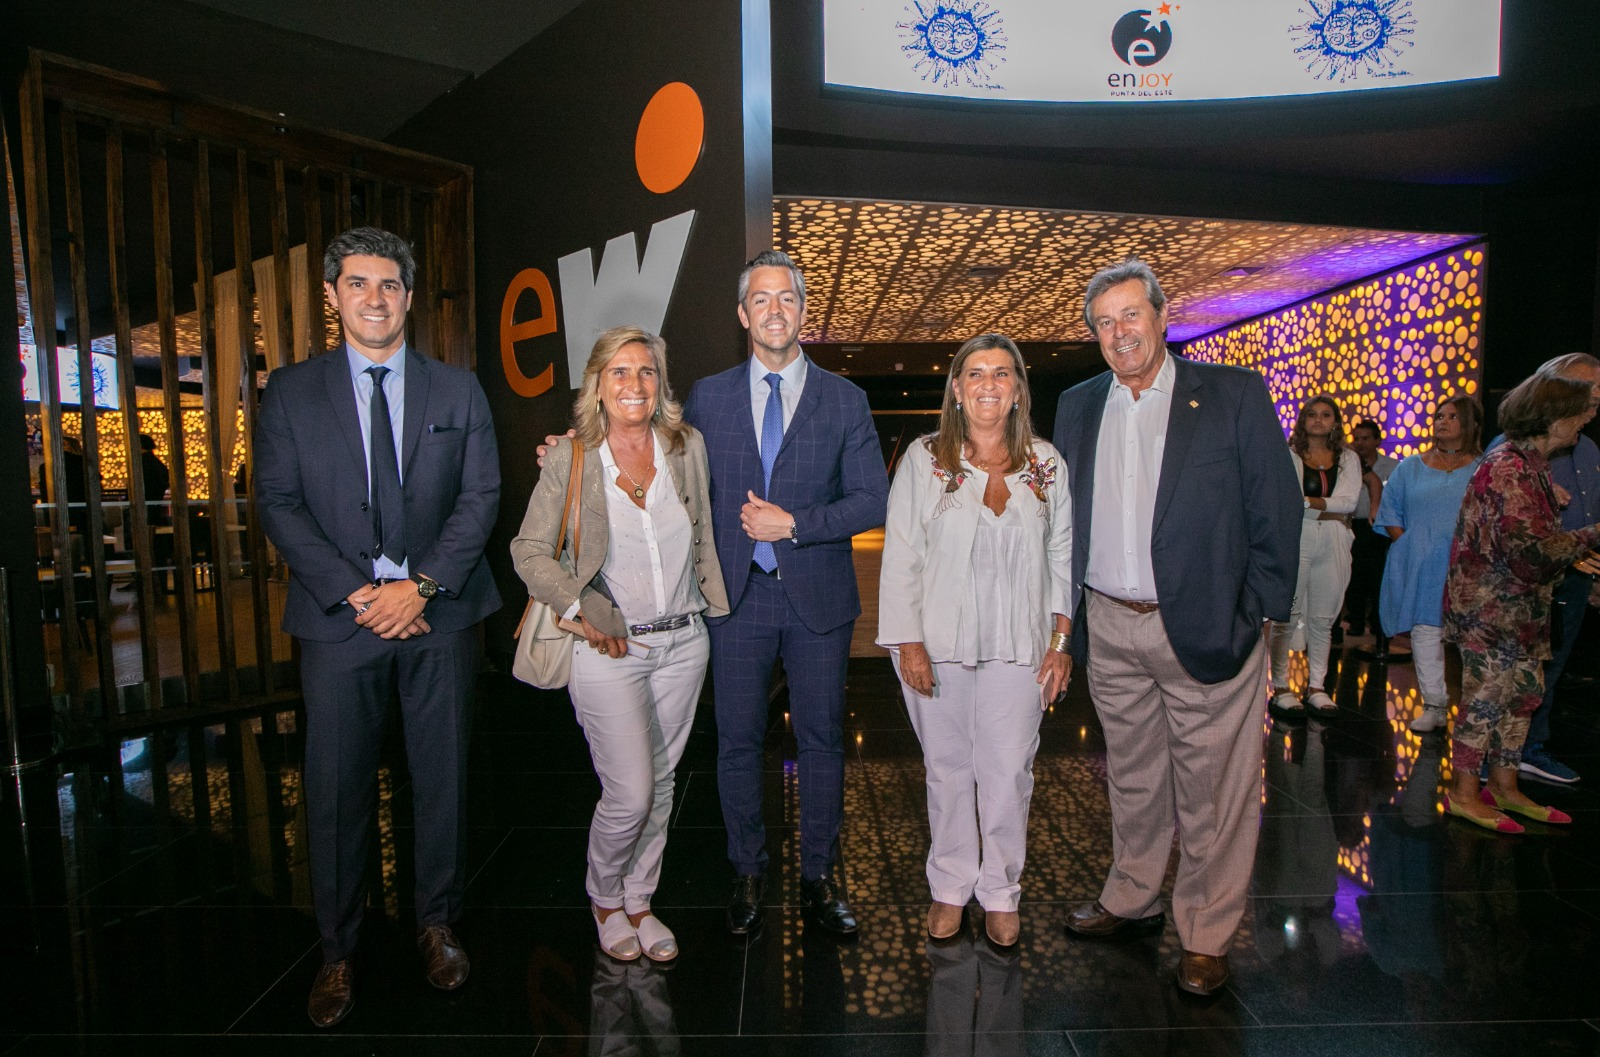 Enjoy Punta del Este reinauguró un icónico mural de Carlos Páez Vilaró